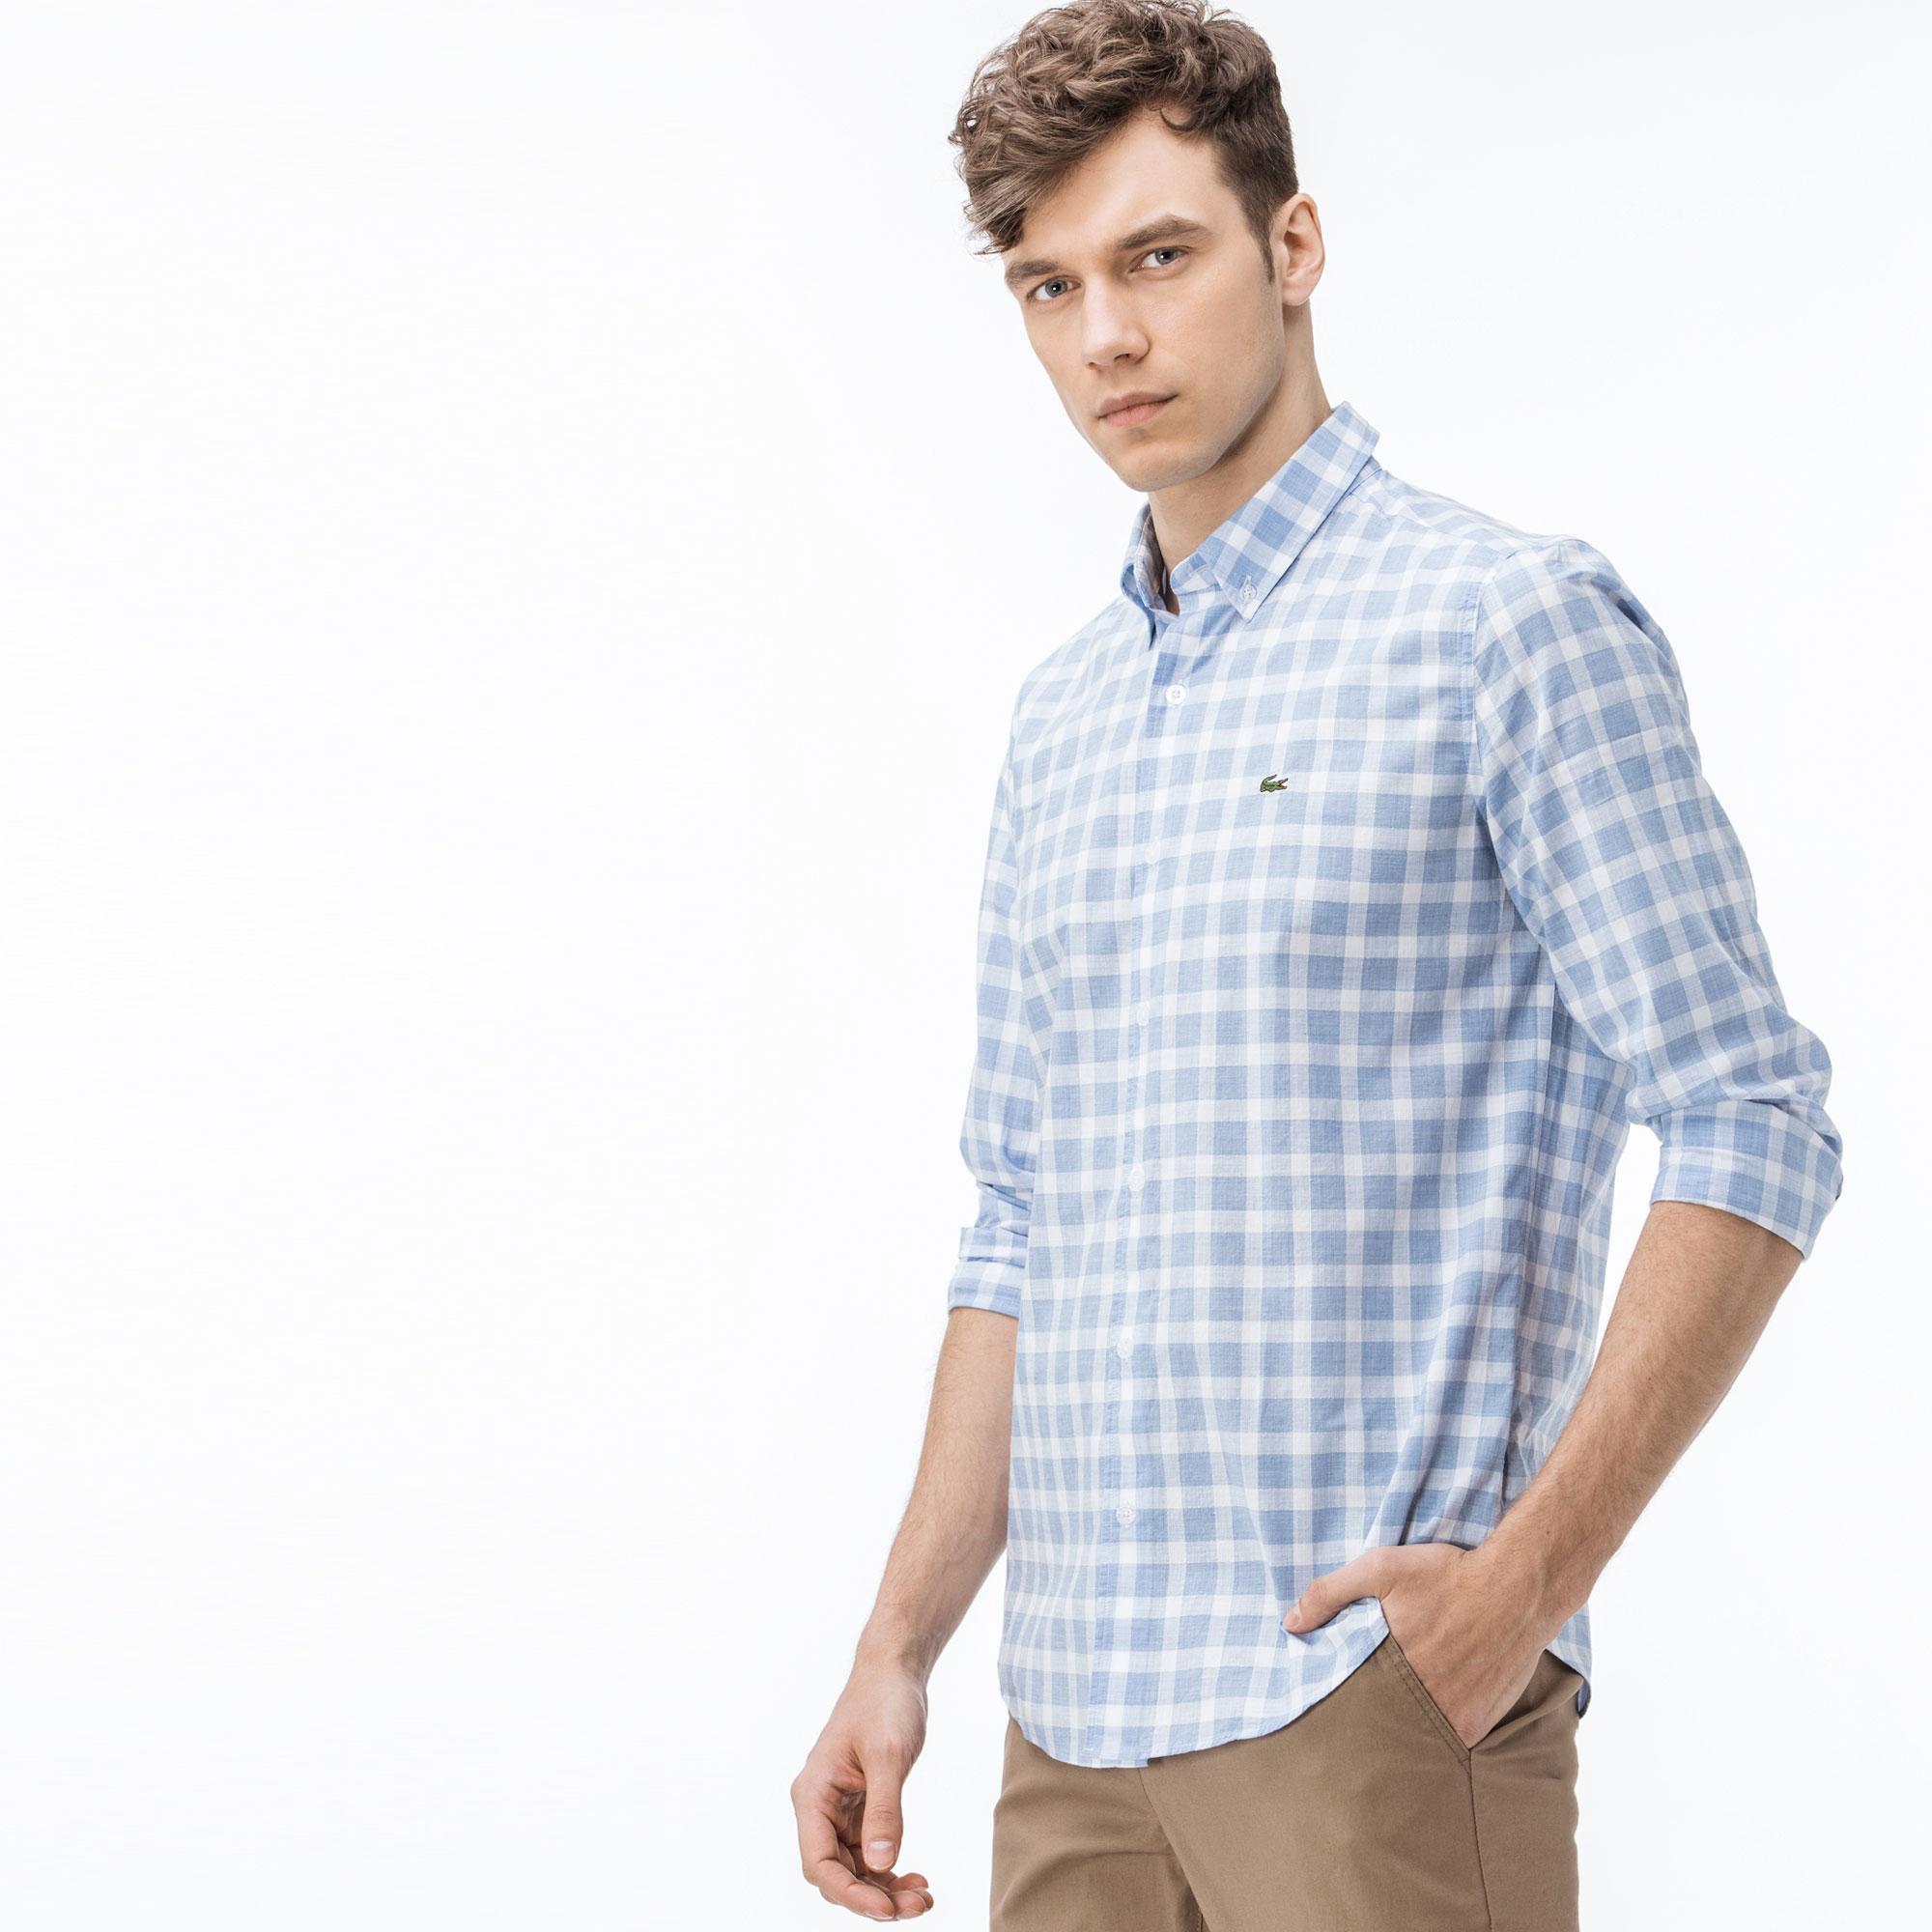 Lacoste Erkek Slim Fit Ekose Mavi-Beyaz Gömlek